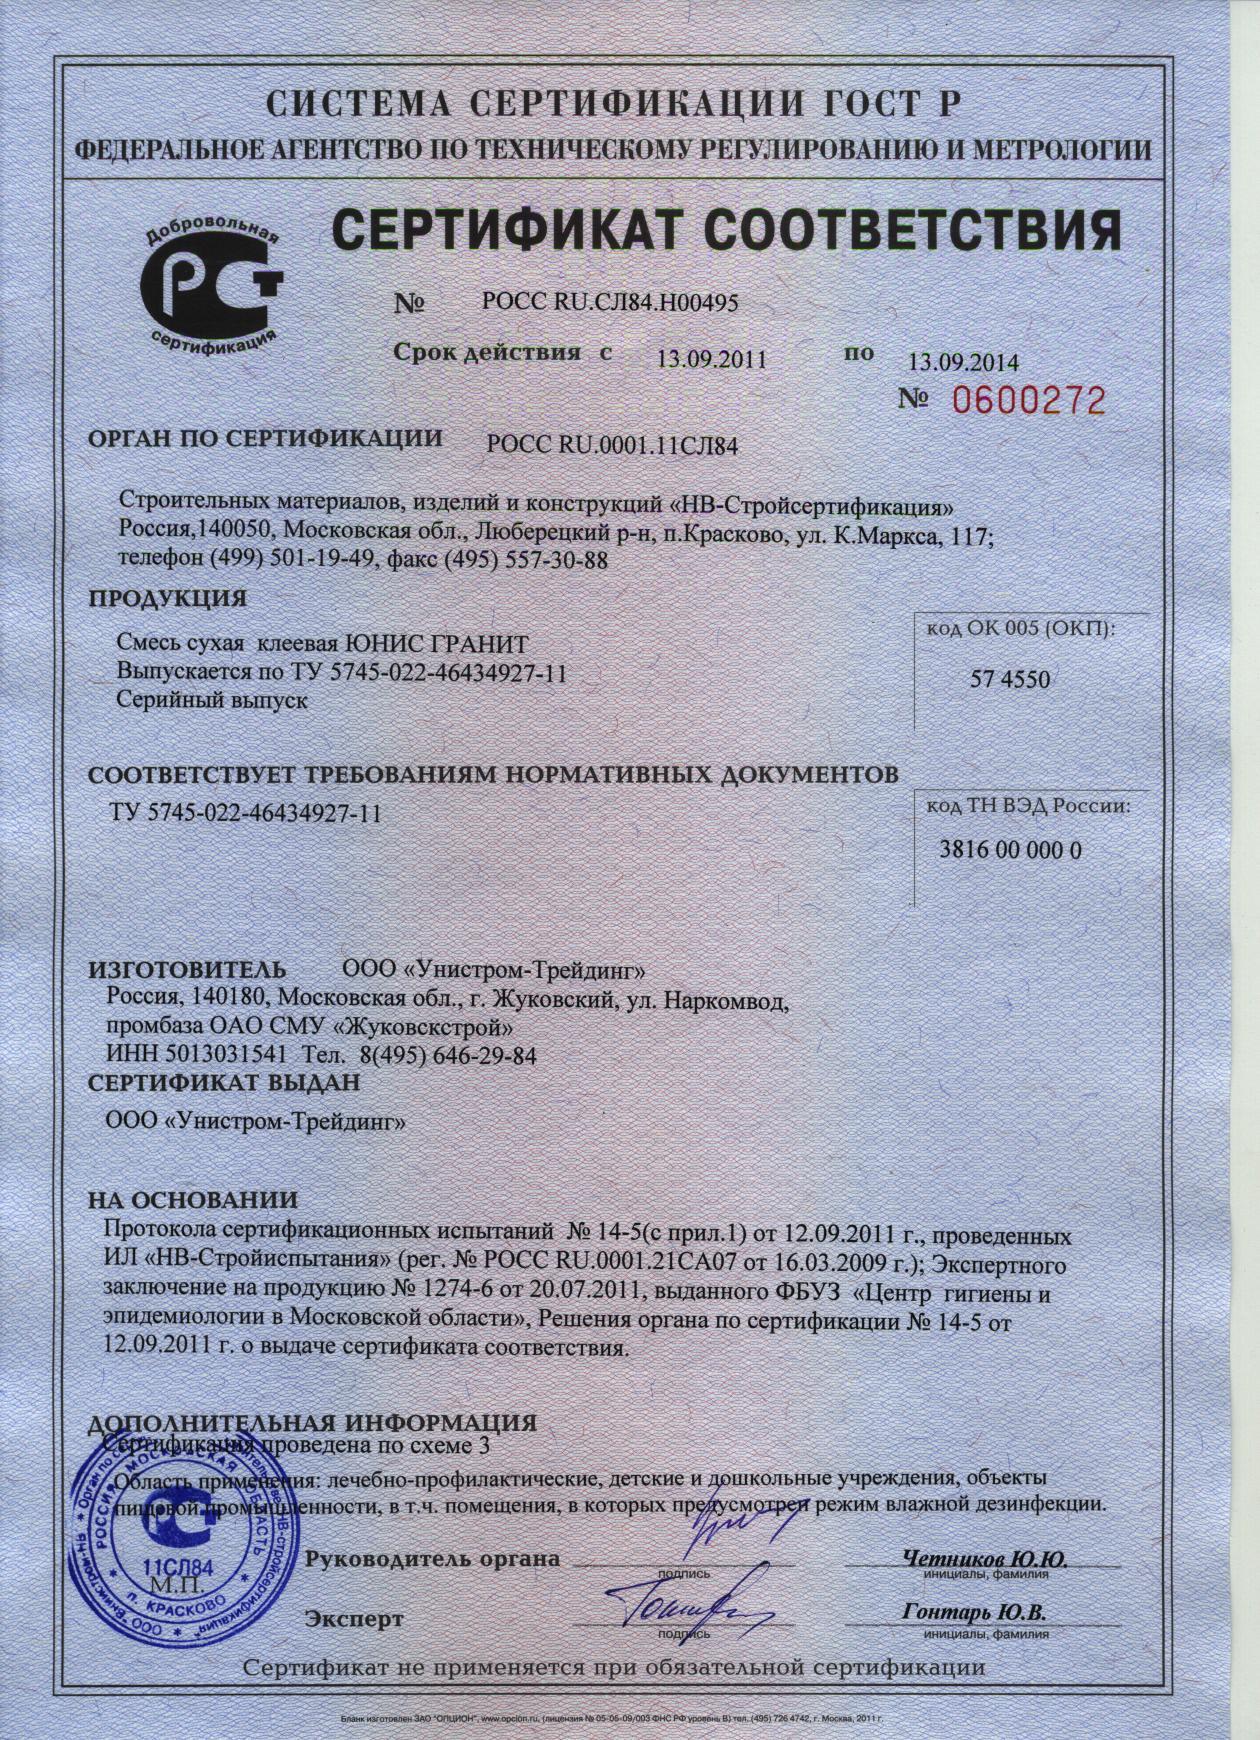 сертификация травматического оружия в москве